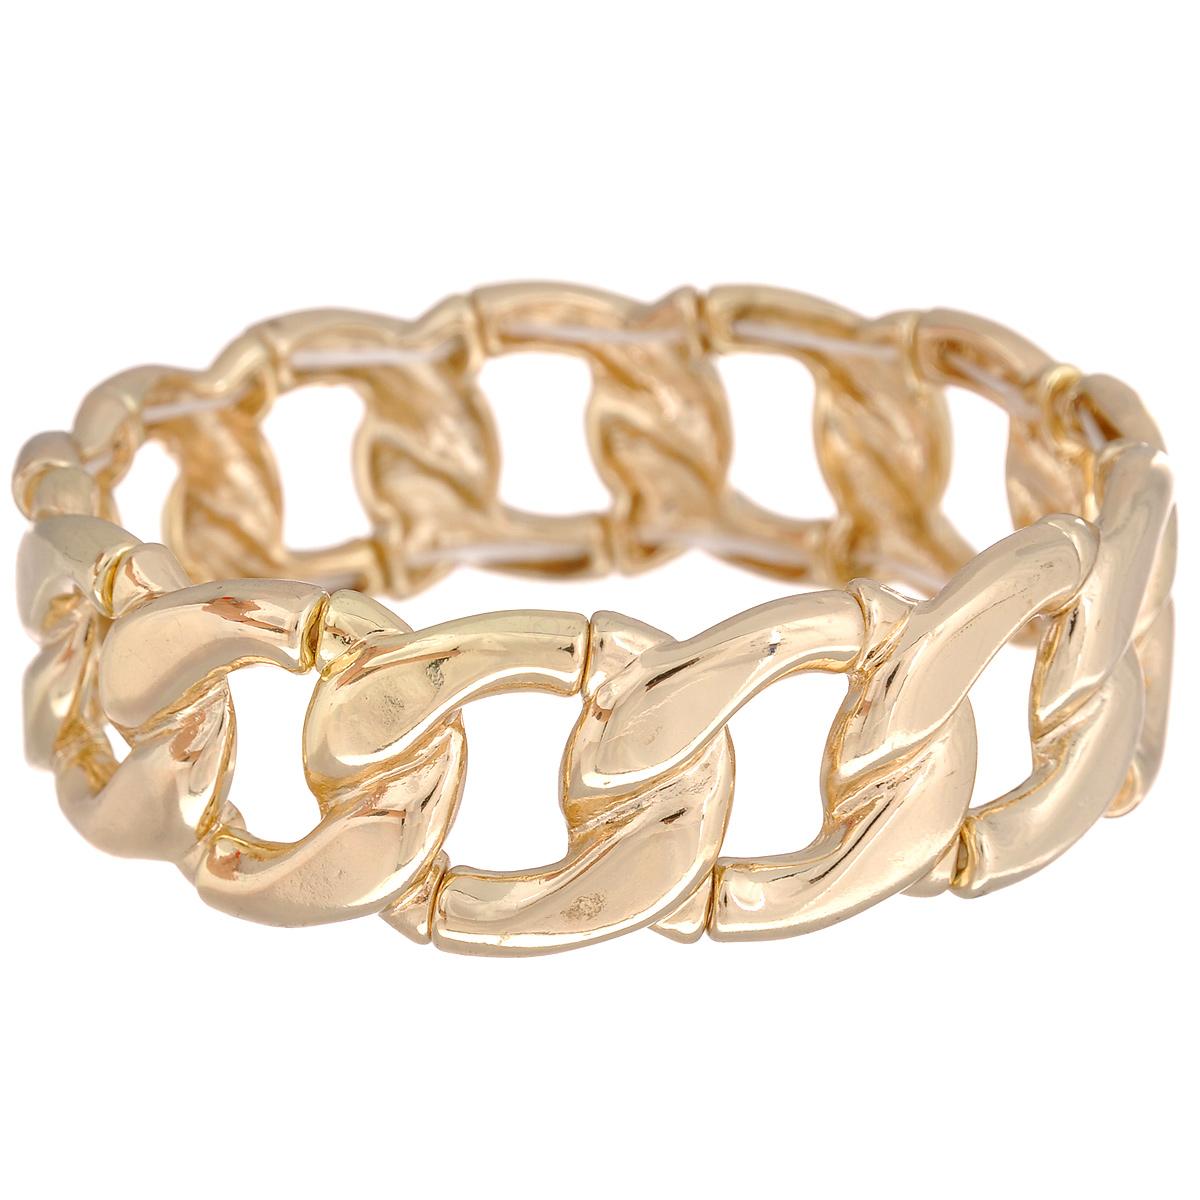 Браслет Taya, цвет: золотистый. T-B-5851T-B-5851-BRAC-GOLDСтильный женский браслет Taya выполнен из металла. Элементы браслета соединены внутри тонкой резинкой, благодаря которой изделие легко снимается и одевается. Размер универсальный. Модный браслет дополнит повседневный и праздничный образ, подчеркнув достоинства женской ручки.